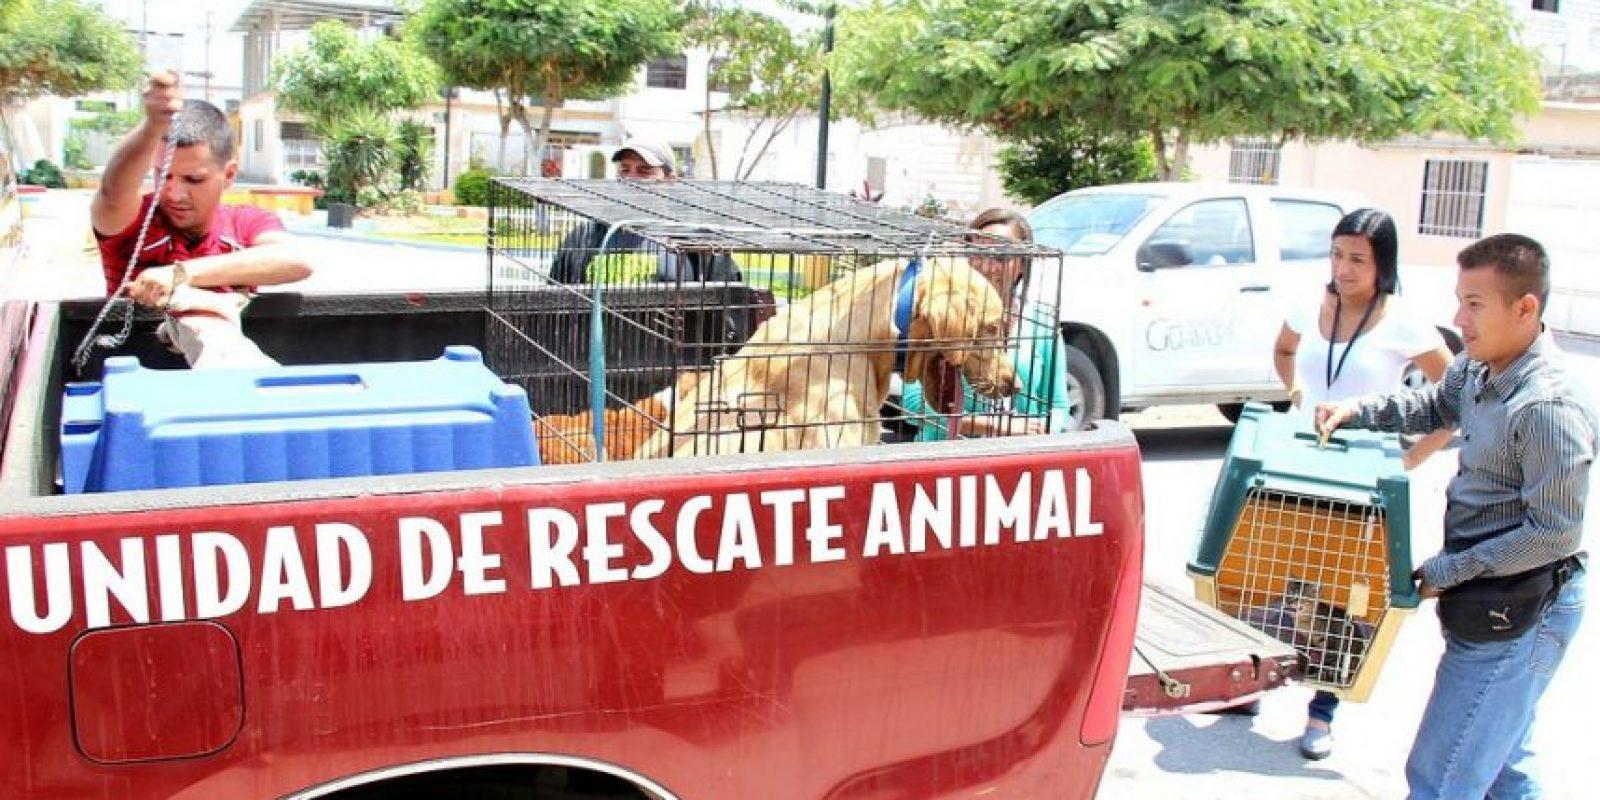 Unidades de rescate animal del Guayas.